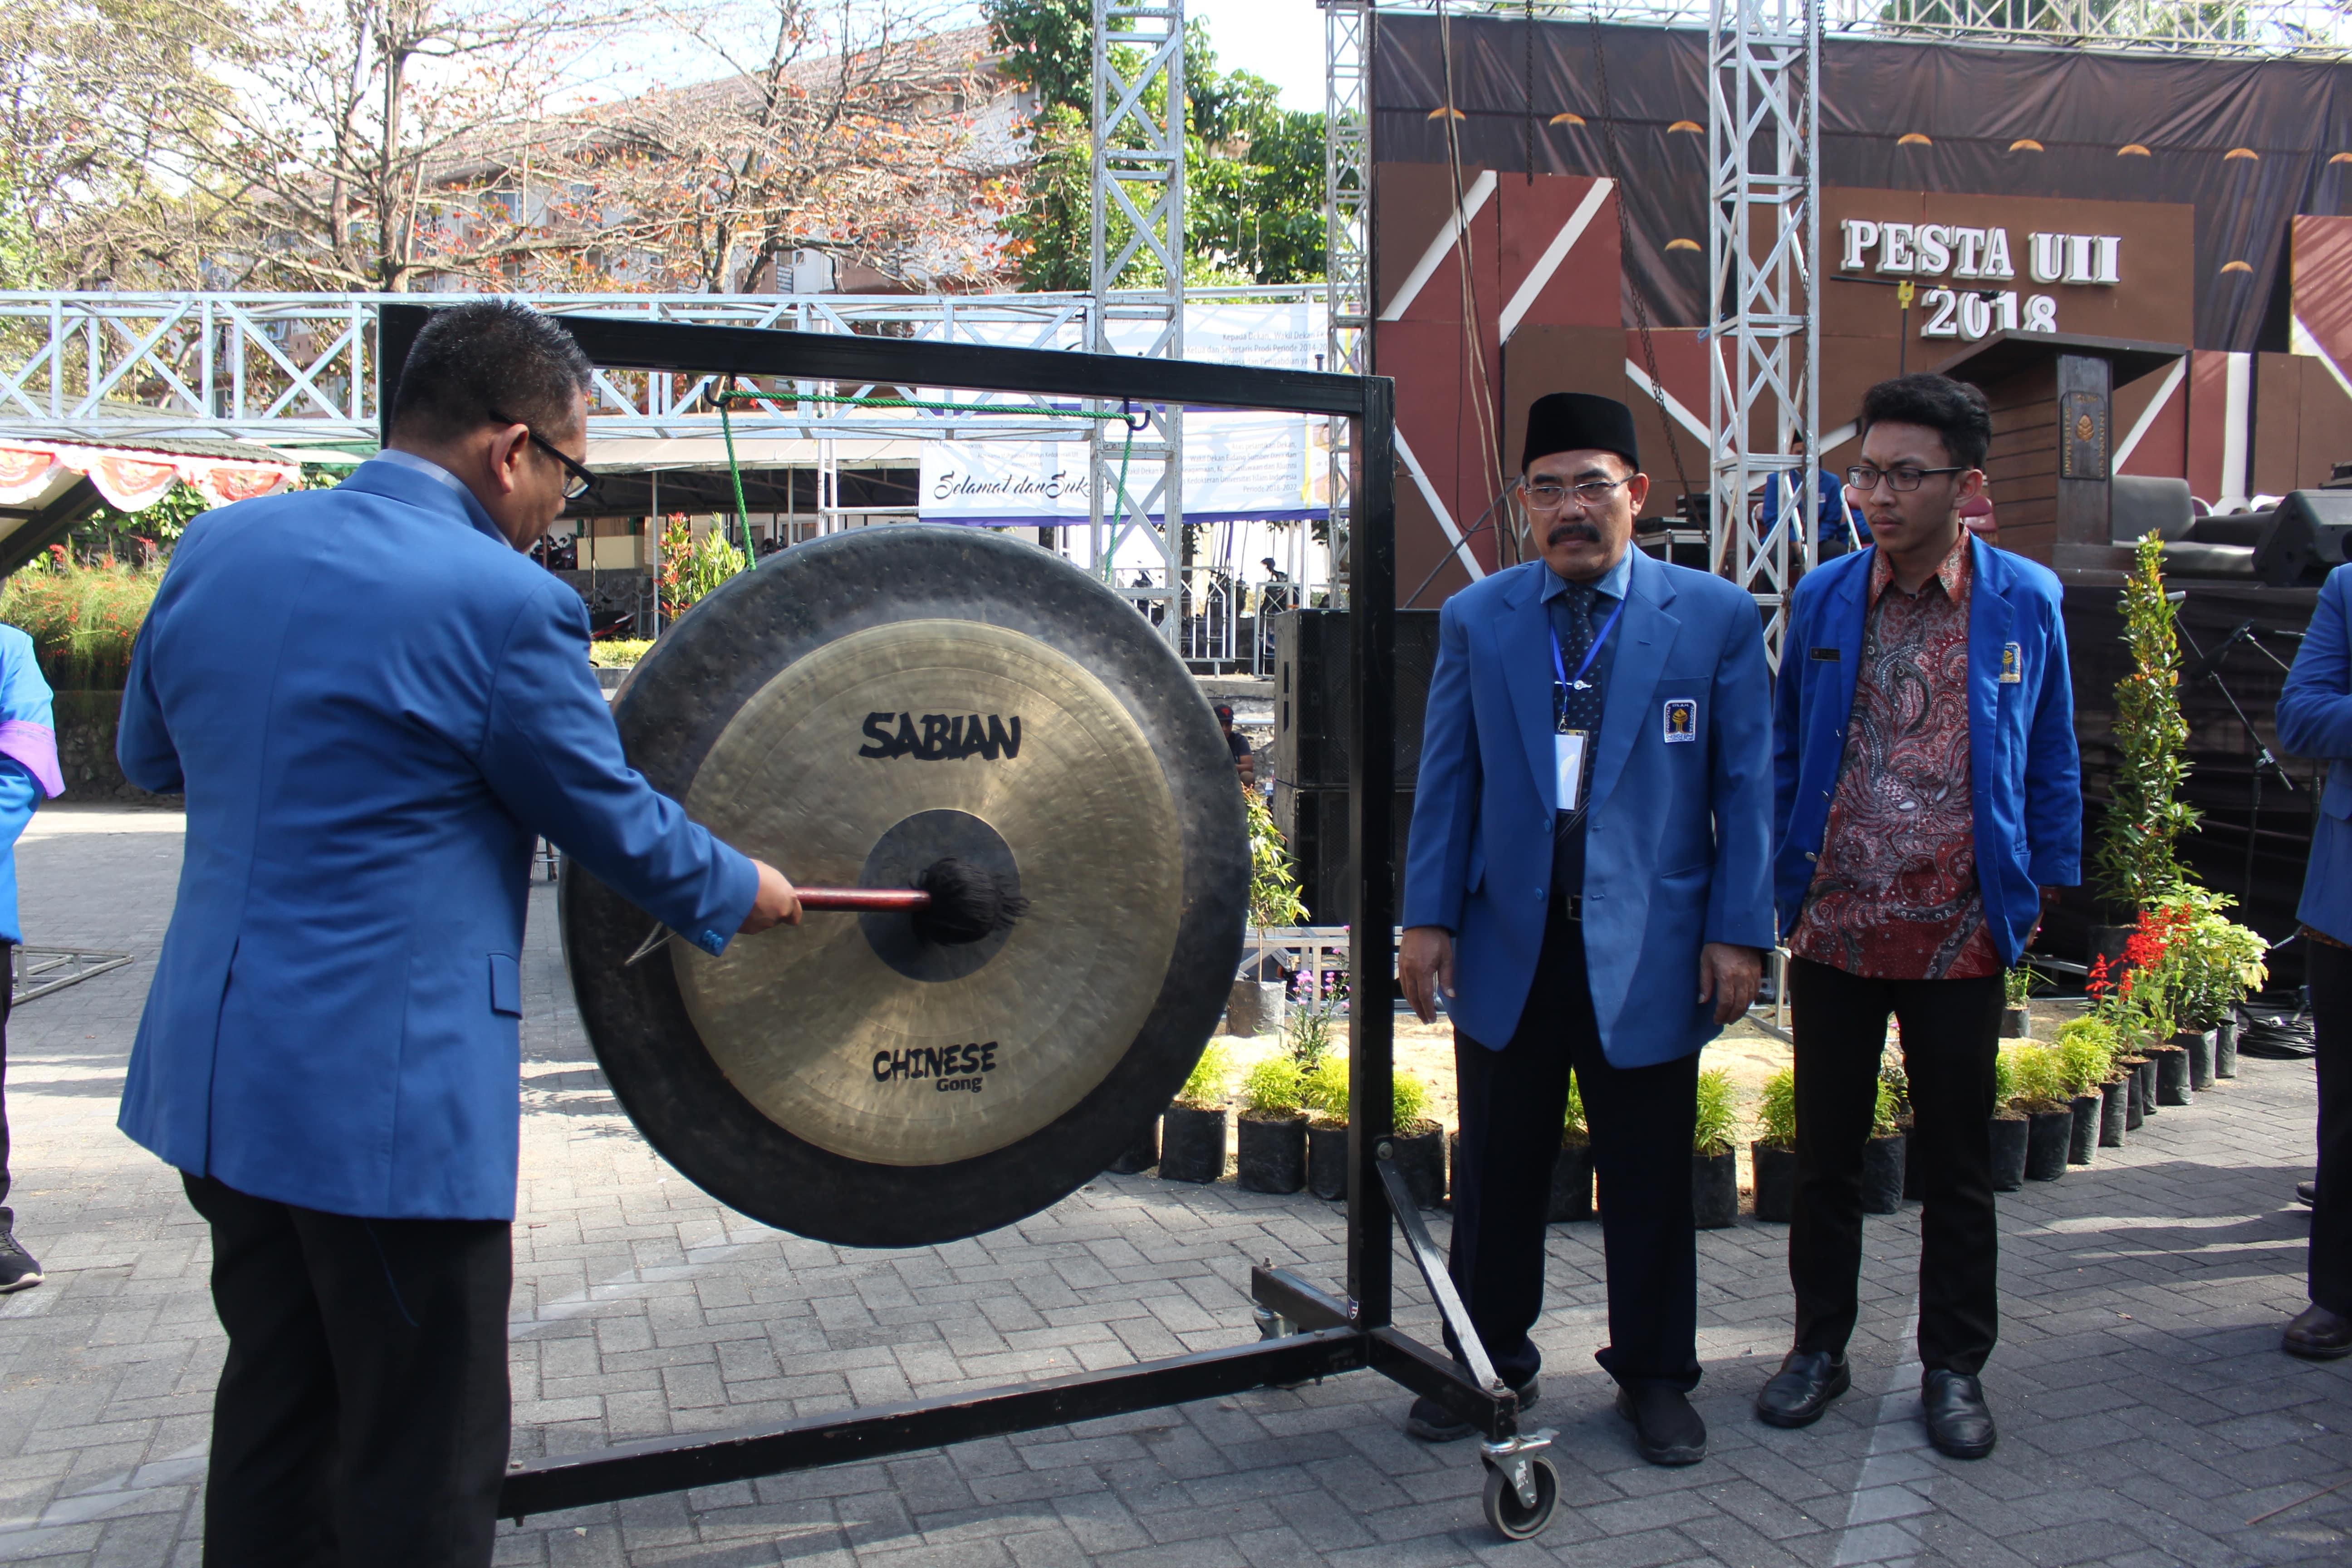 Pemukulan gong oleh Fathul Wahid,selaku rektor Universitas Islam Indonesia sebagai tanda telah resmi dimulainya Pesta UII 2018. (Foto : Rintan/Ekonomika)